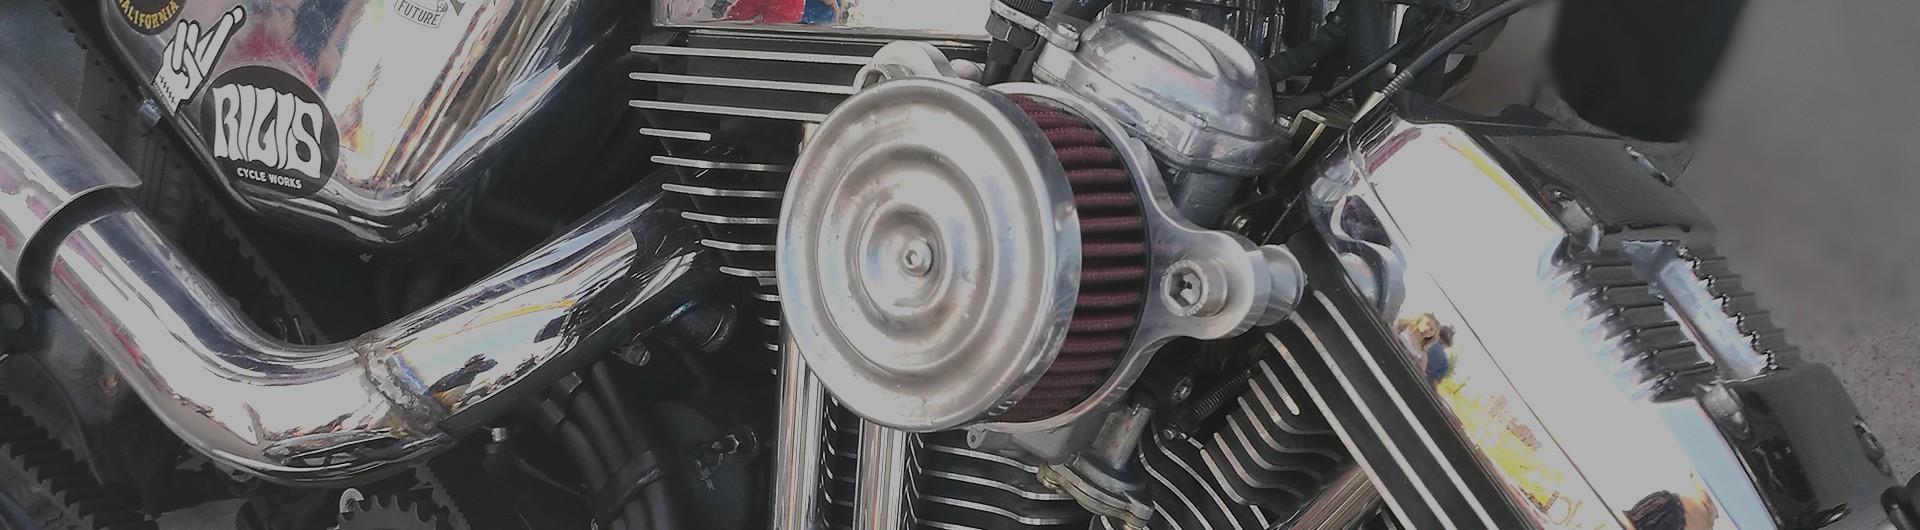 Motoczęści24h - Filtry motocyklowe